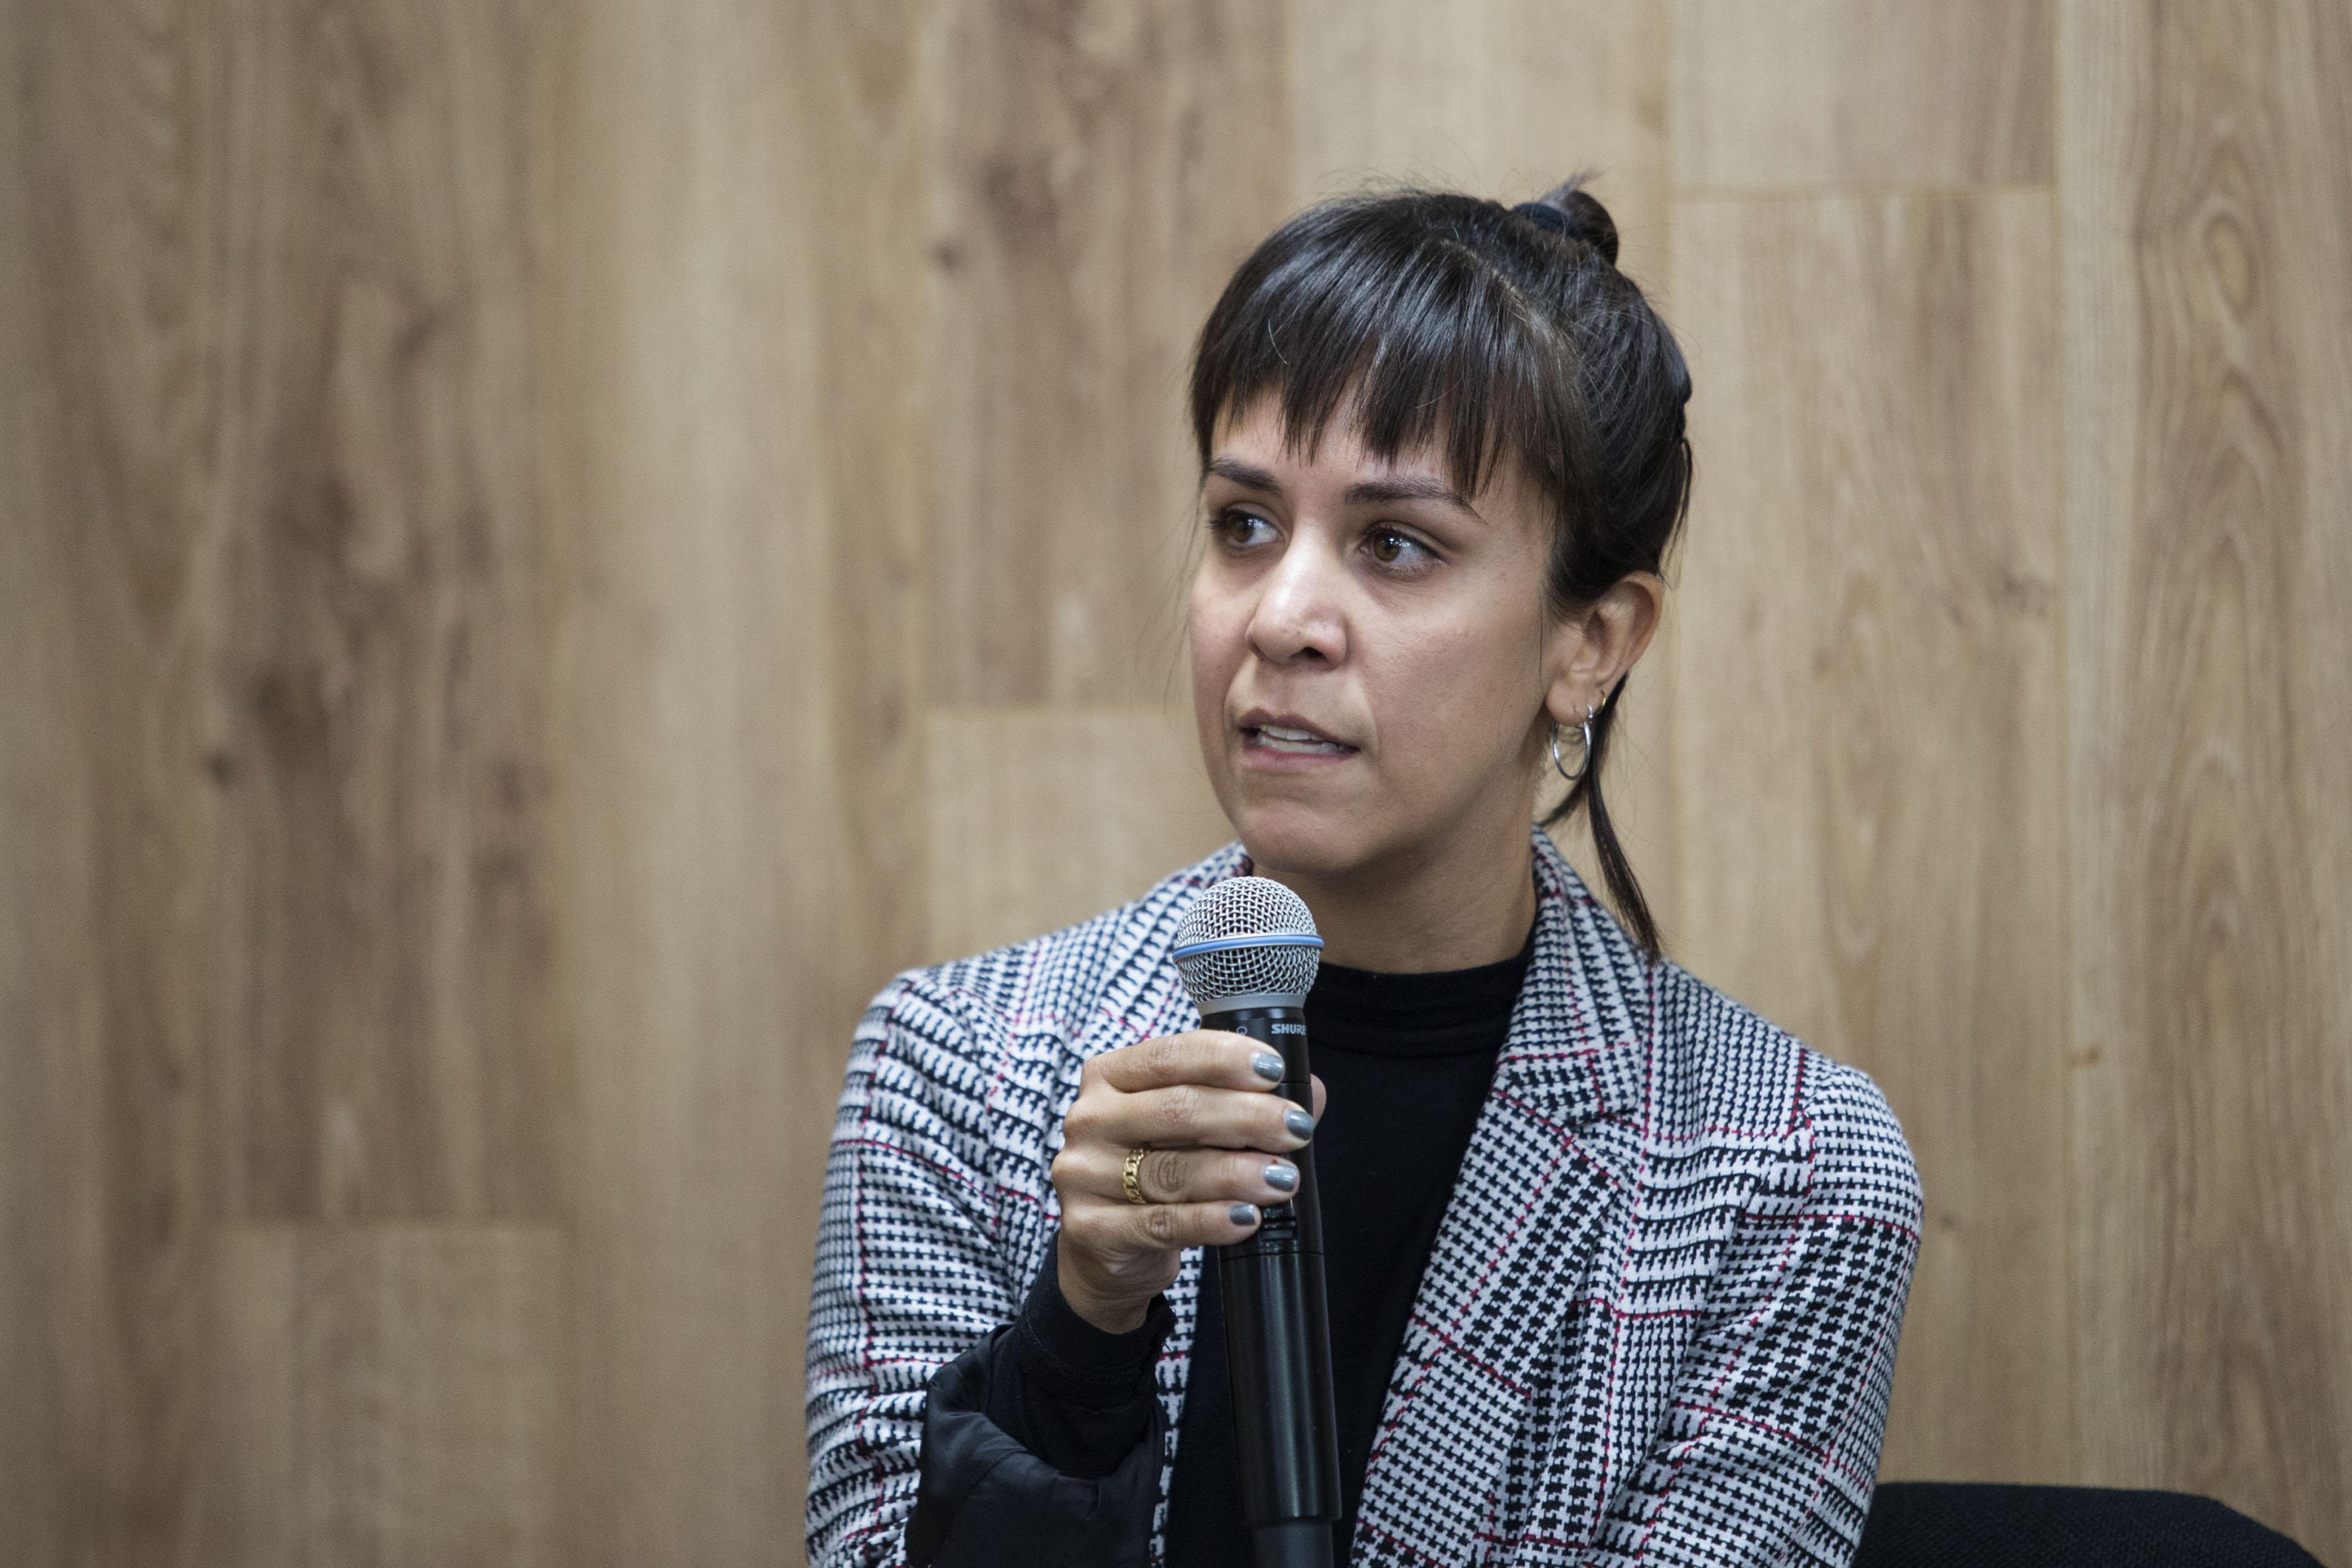 Mtra. Angélica Zuño Reyes, con micrófono en mano haciendo uso de la palabra.